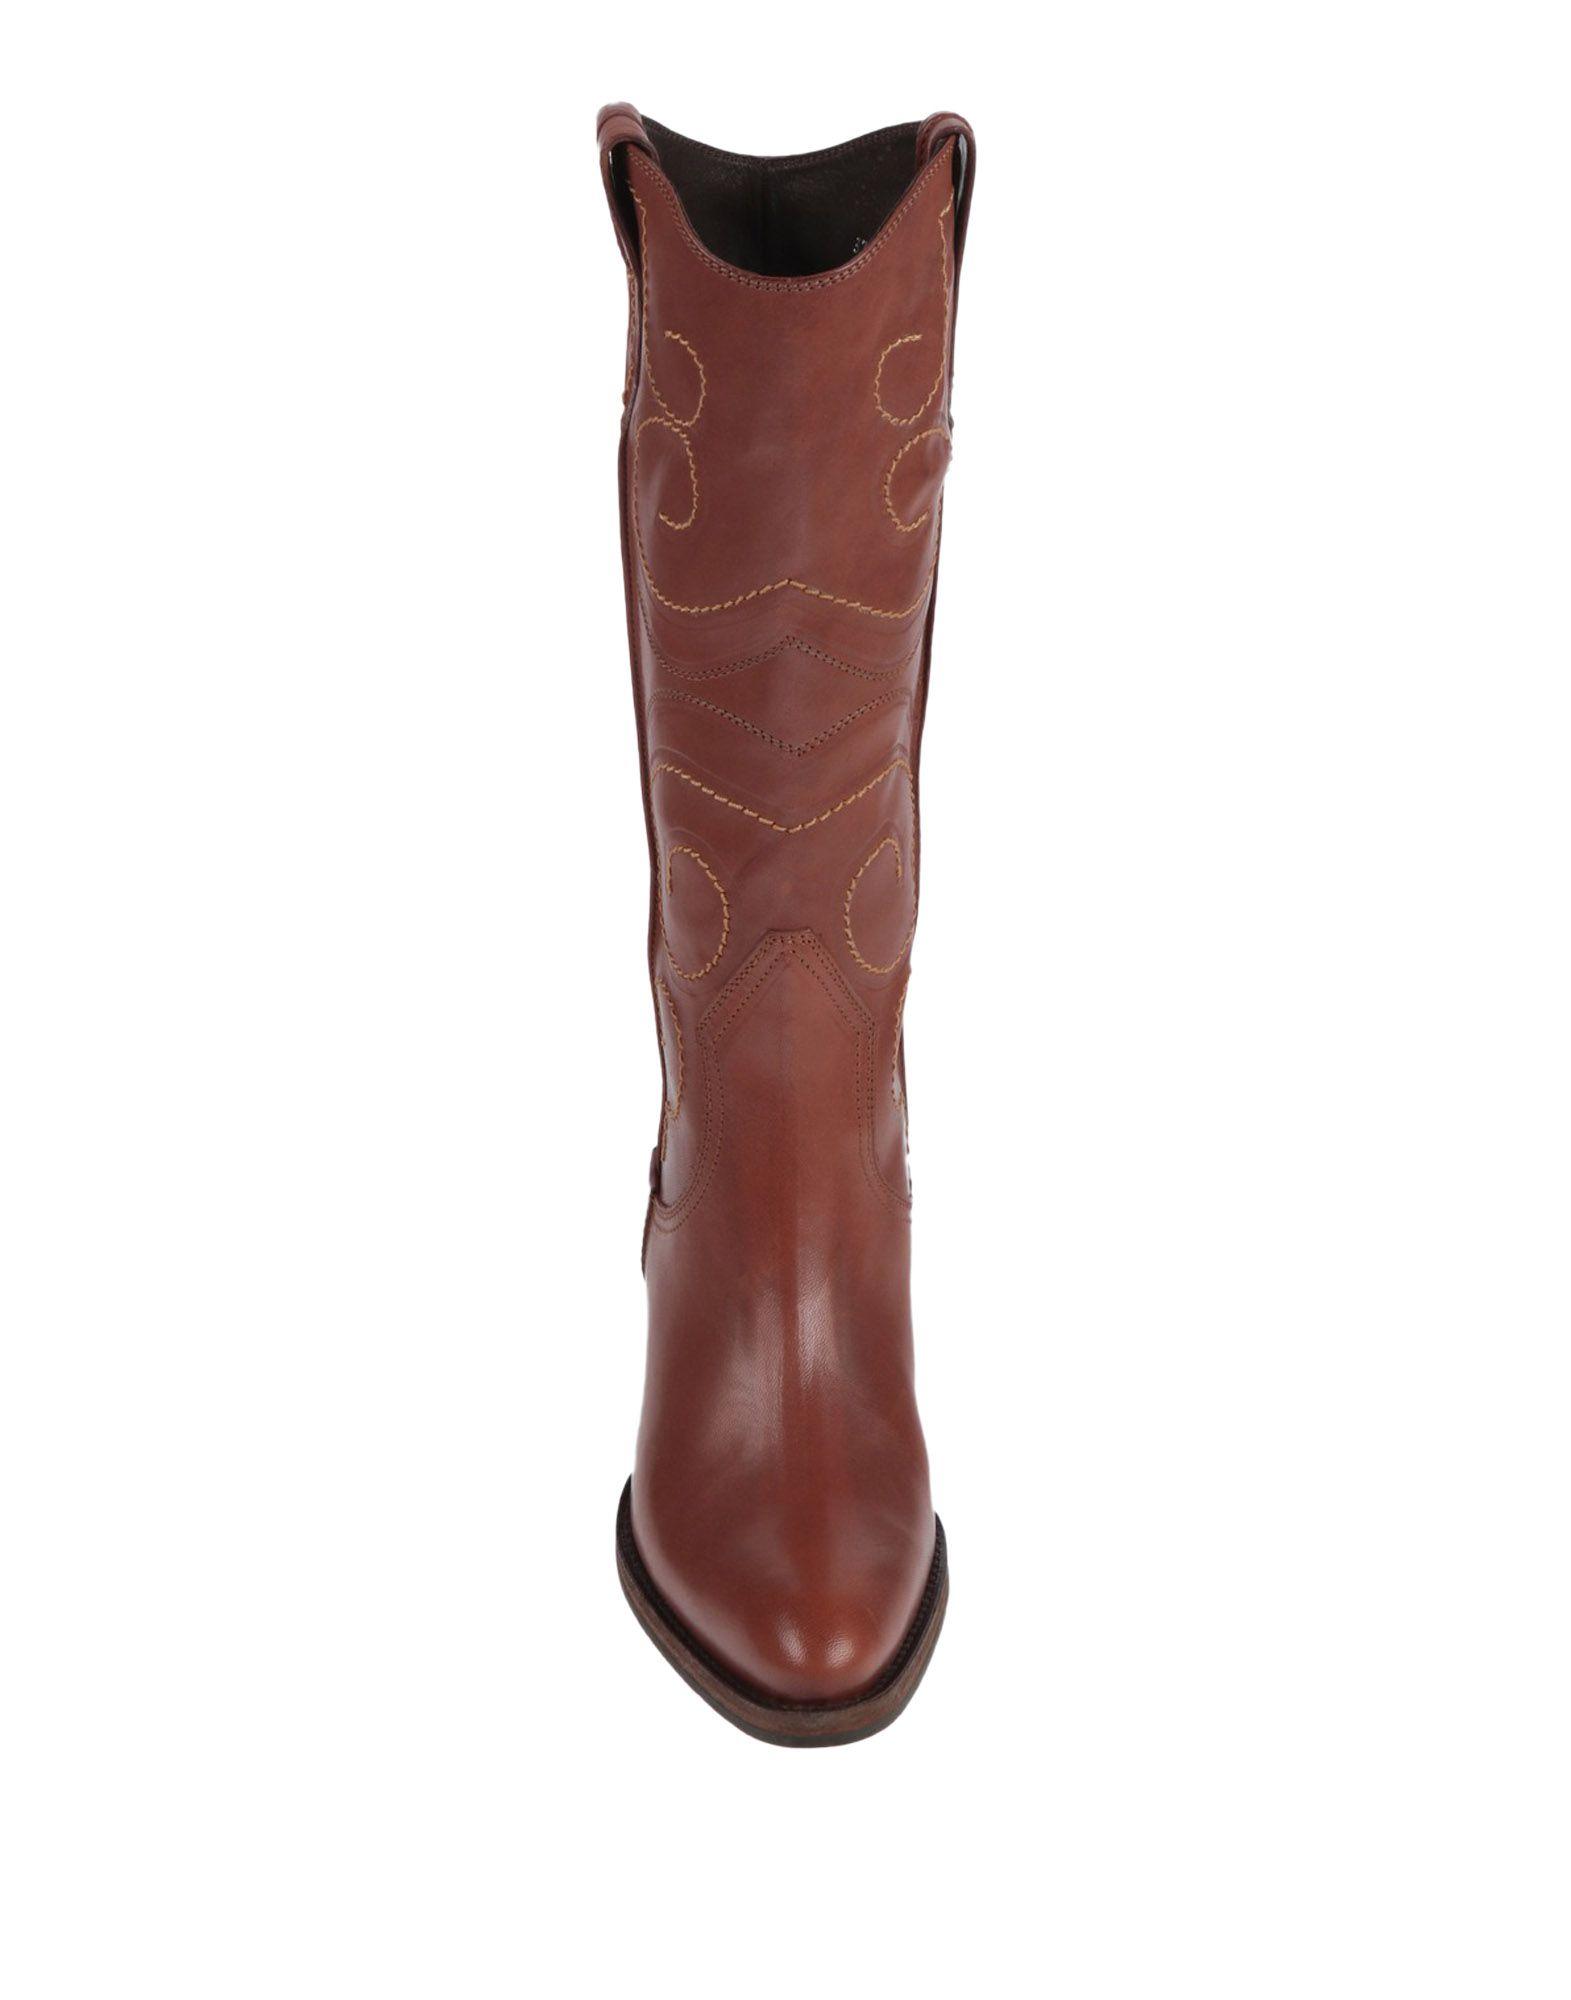 Sax Stiefel beliebte Damen  11533804TJ Gute Qualität beliebte Stiefel Schuhe 9b6f66